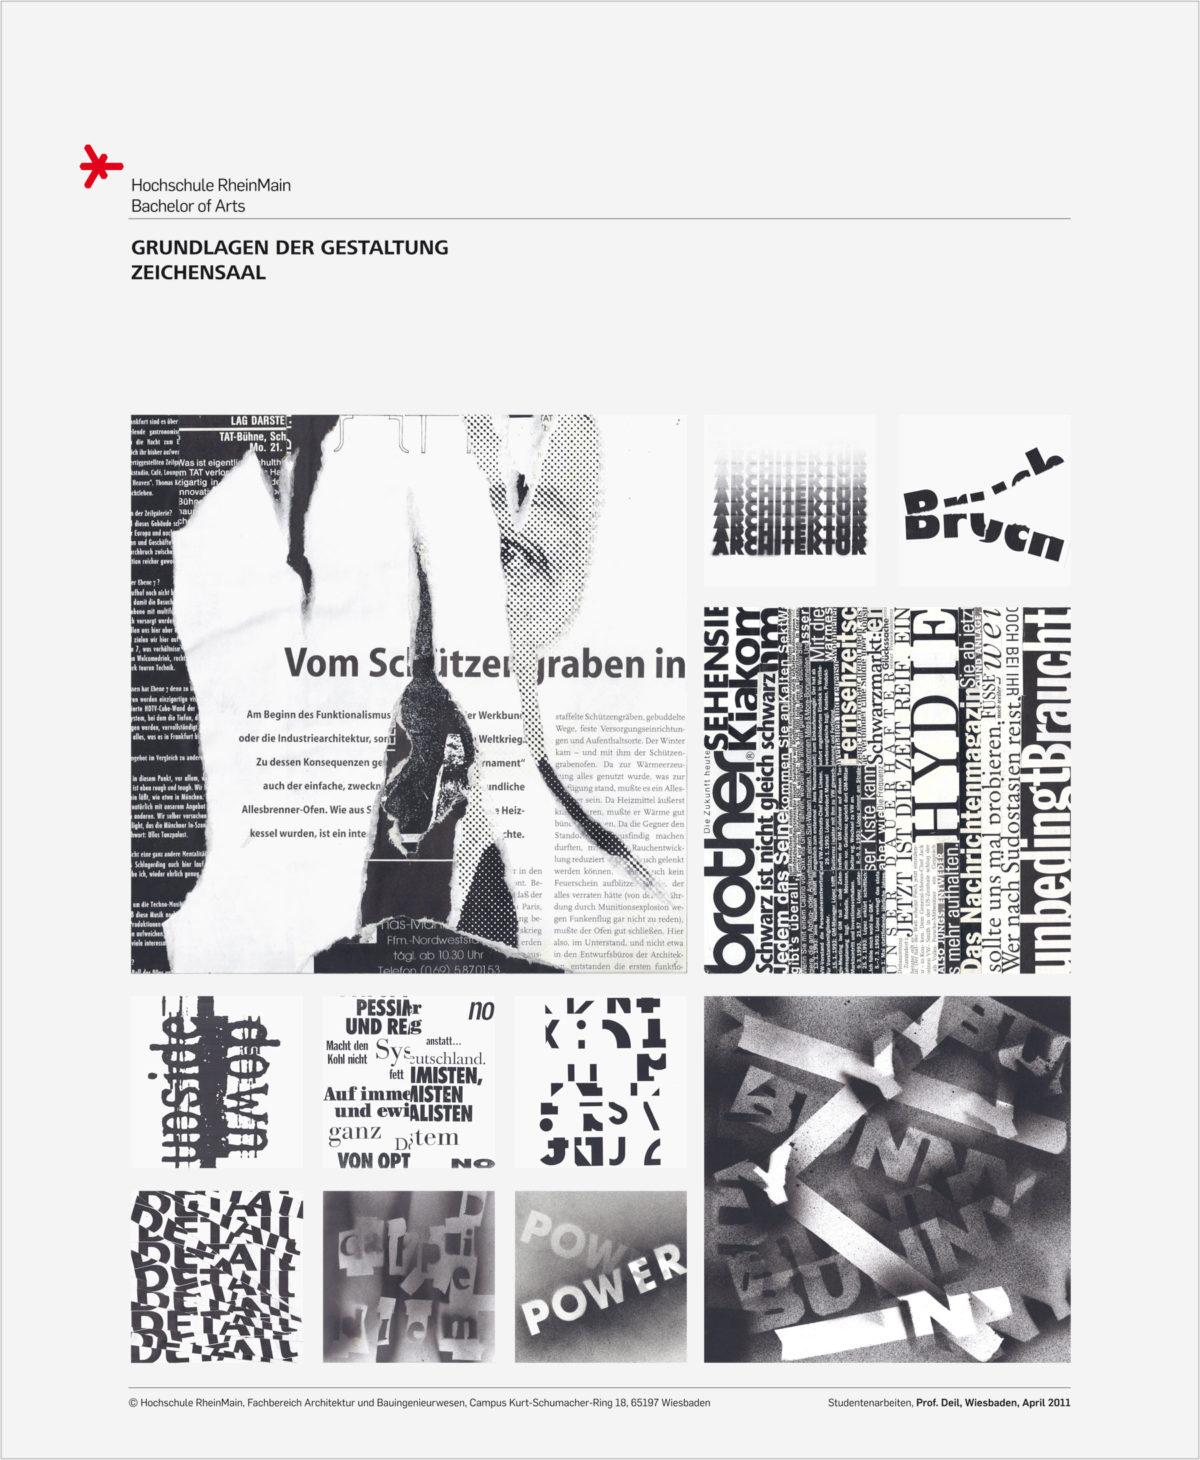 plakat-grundlagen-der gestaltung-rudolf-deil-hsrm-01